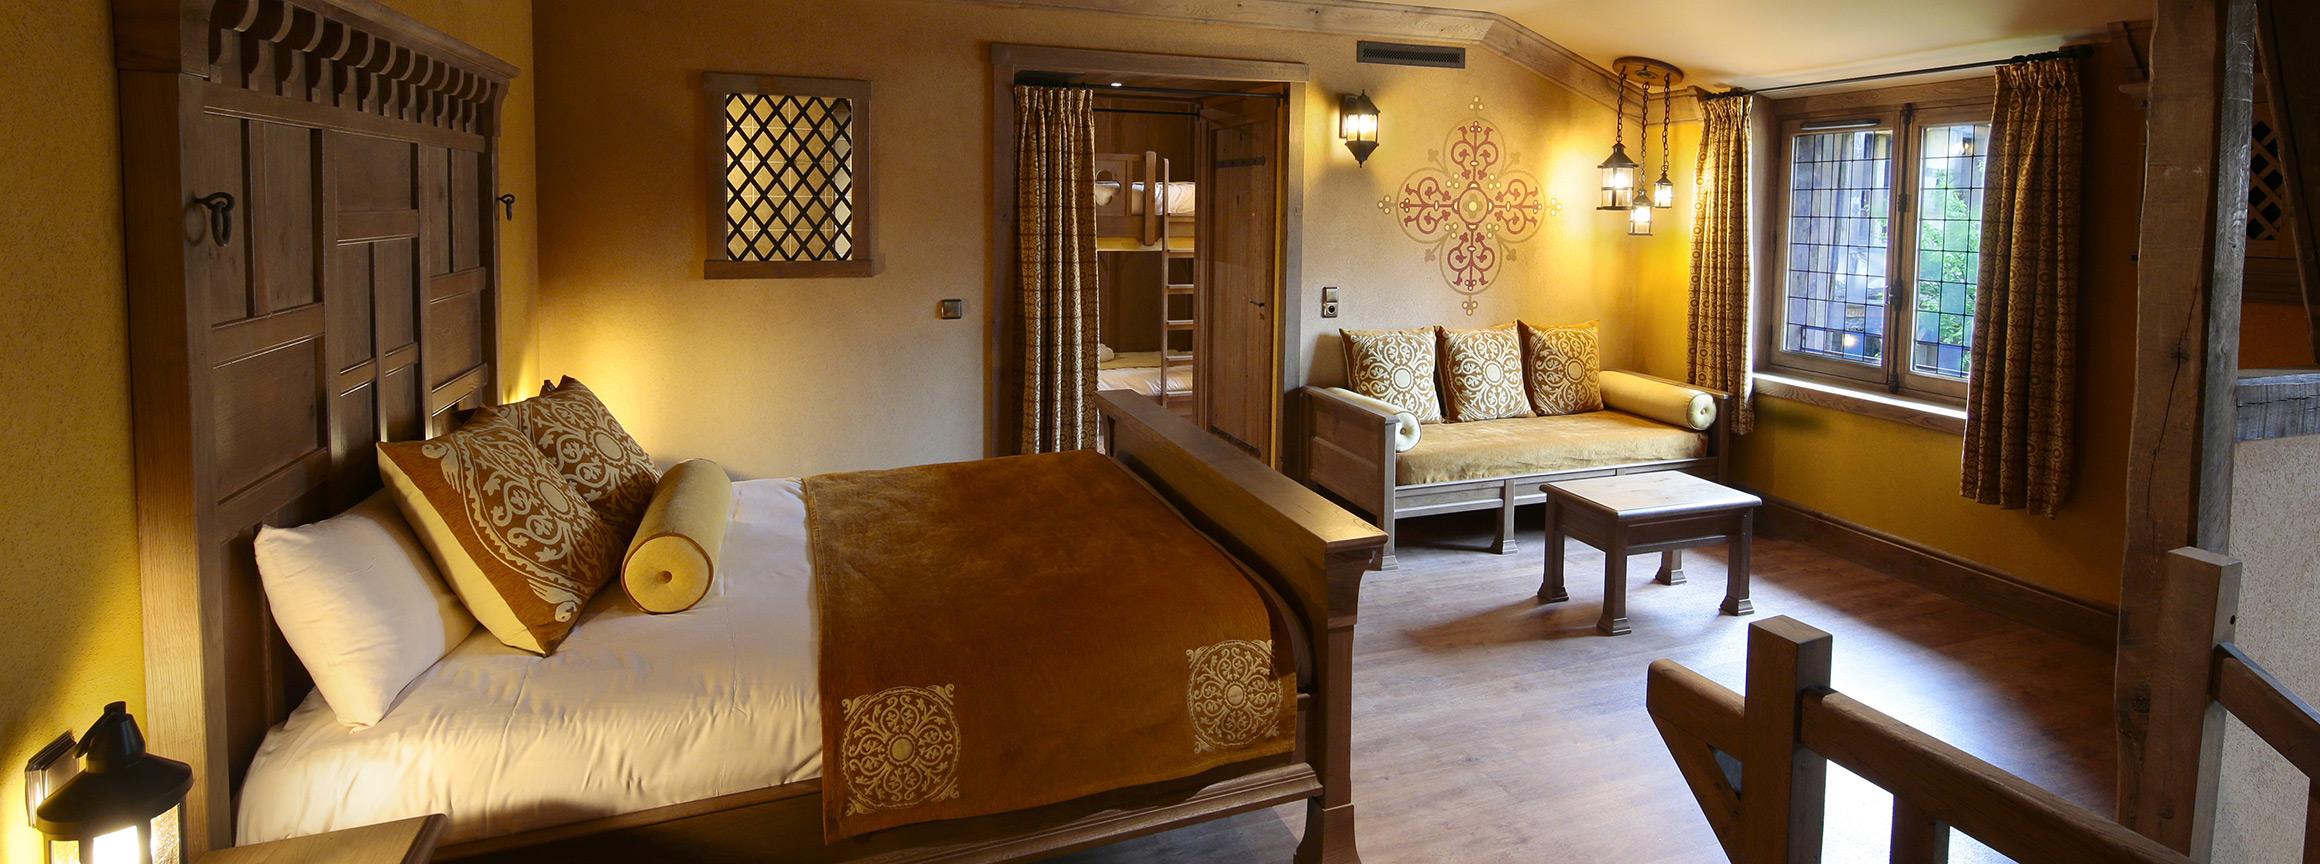 la citadelle h tel puy du fou. Black Bedroom Furniture Sets. Home Design Ideas